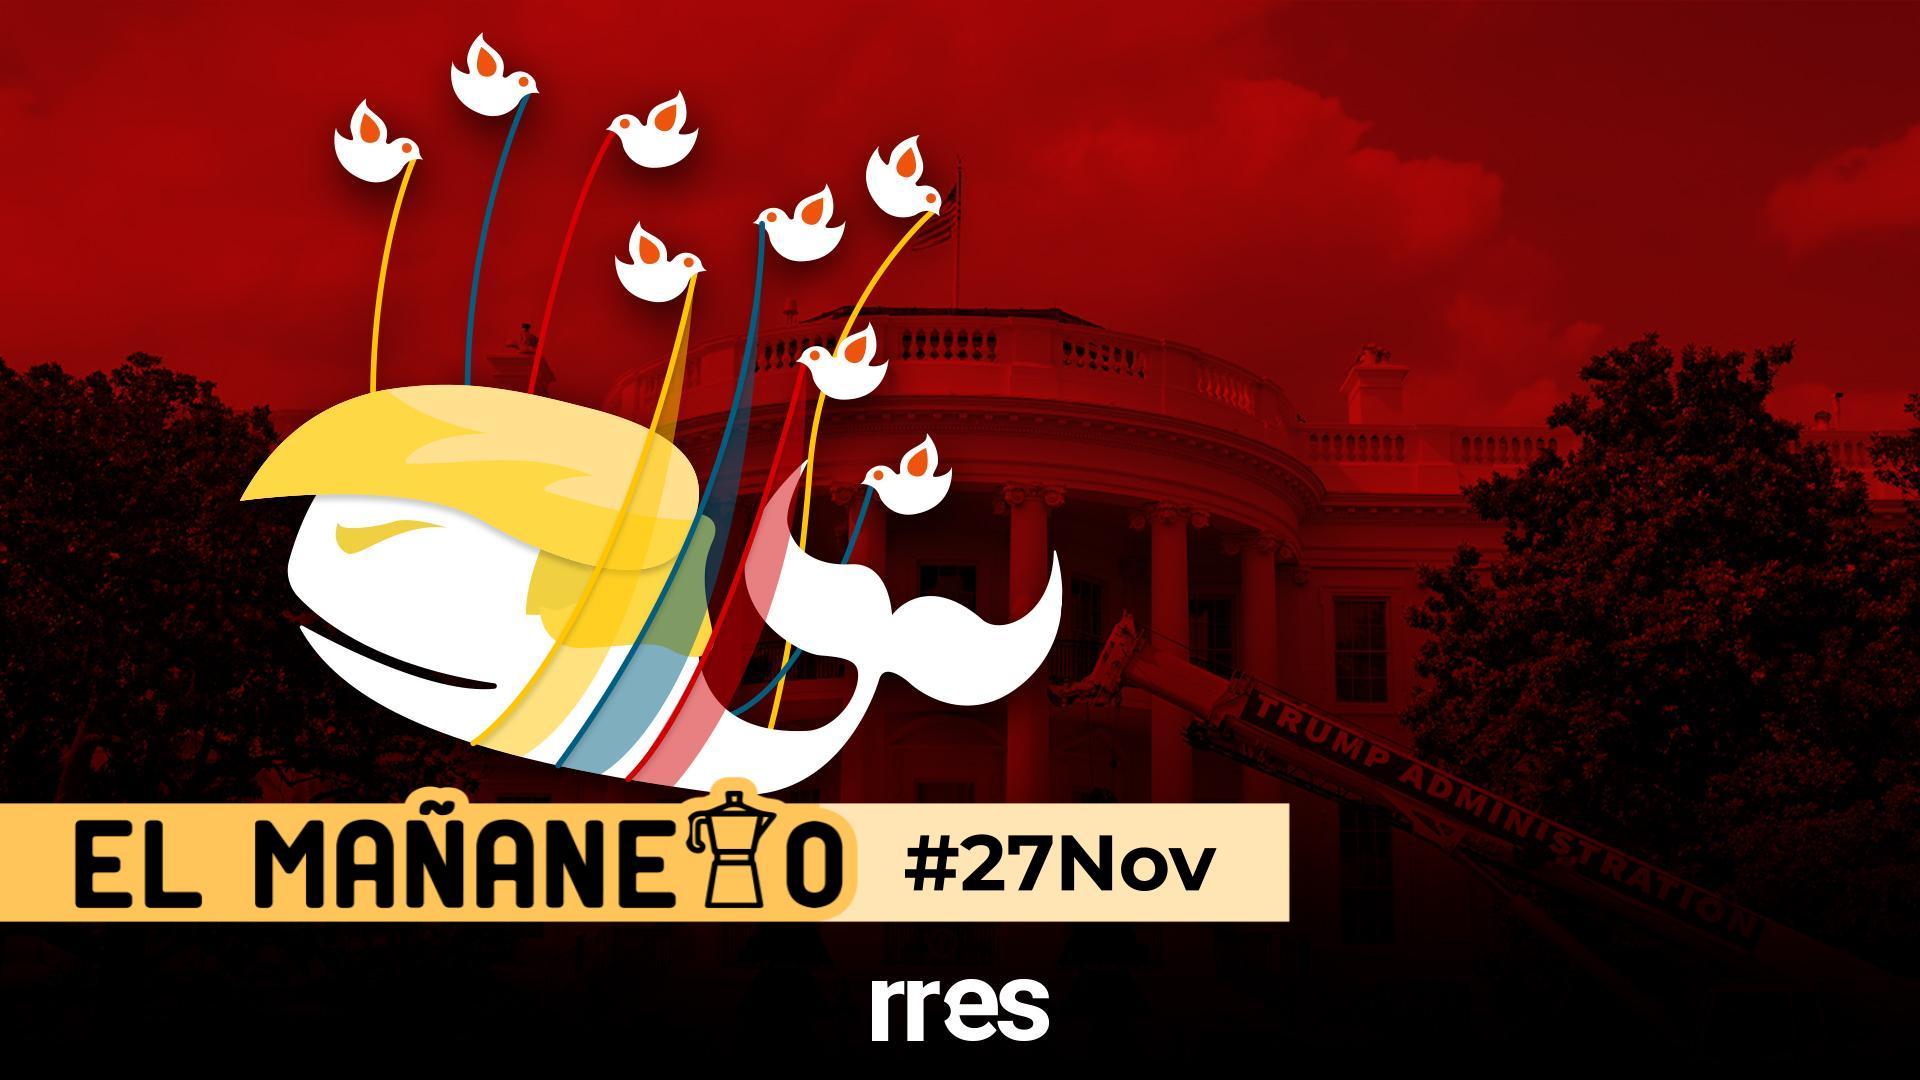 El Mañanero de hoy #27Nov: Las 8 noticias que debes saber